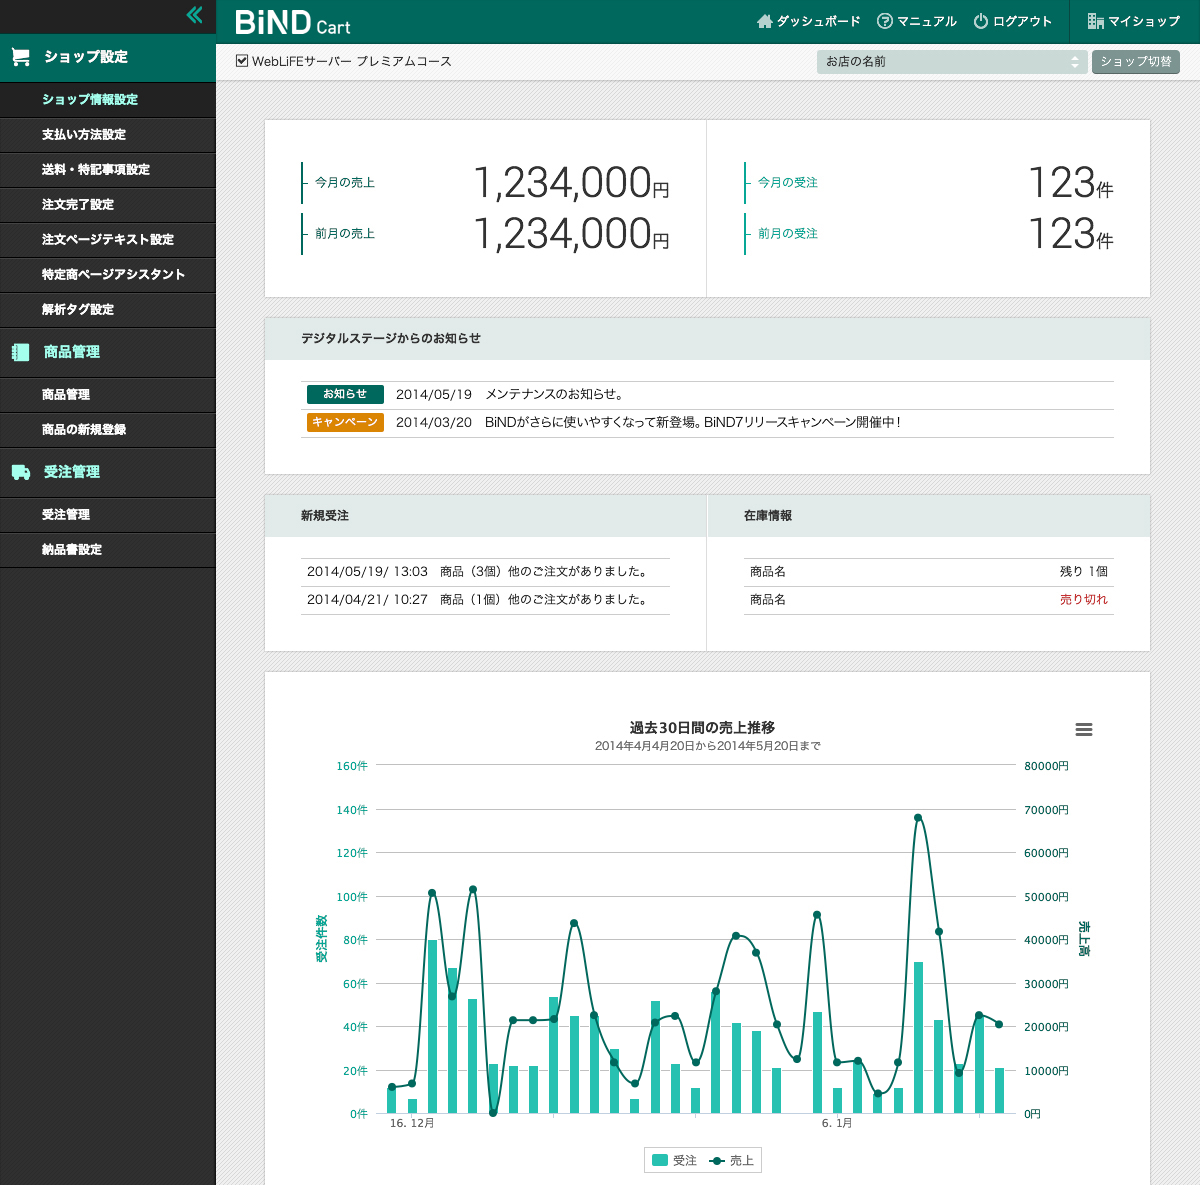 管理画面のダッシュボードでは売上がグラフ表示され、どのくらい売れているかが一目でわかる